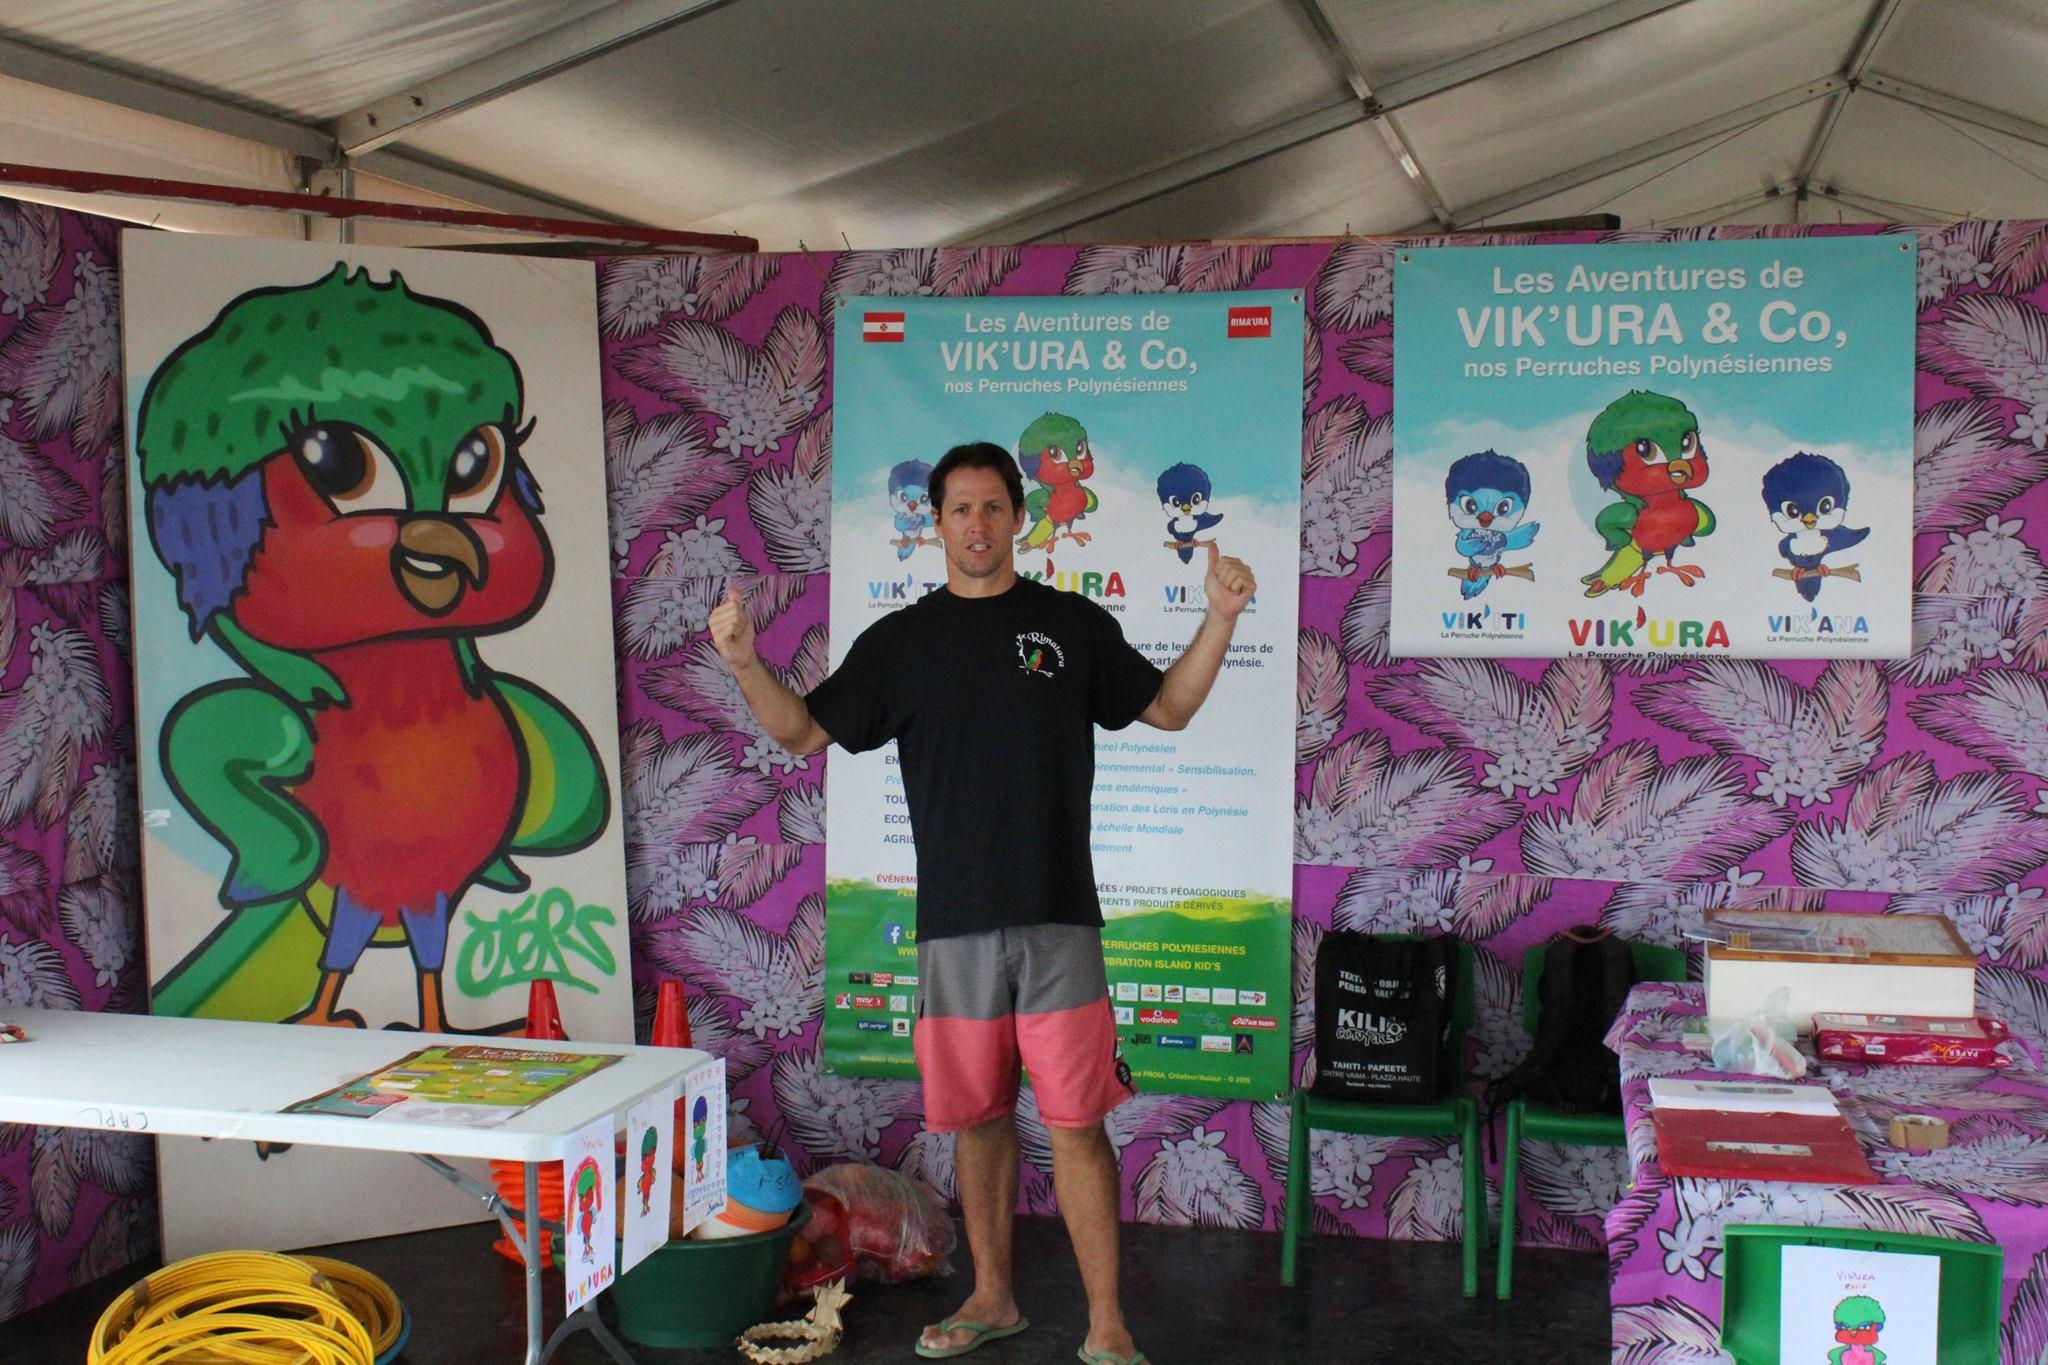 Nouveau symbole du sport polynésien, le créateur de Vik'ura aimerait, à terme, que sa mascotte devienne l'emblème du fenua.